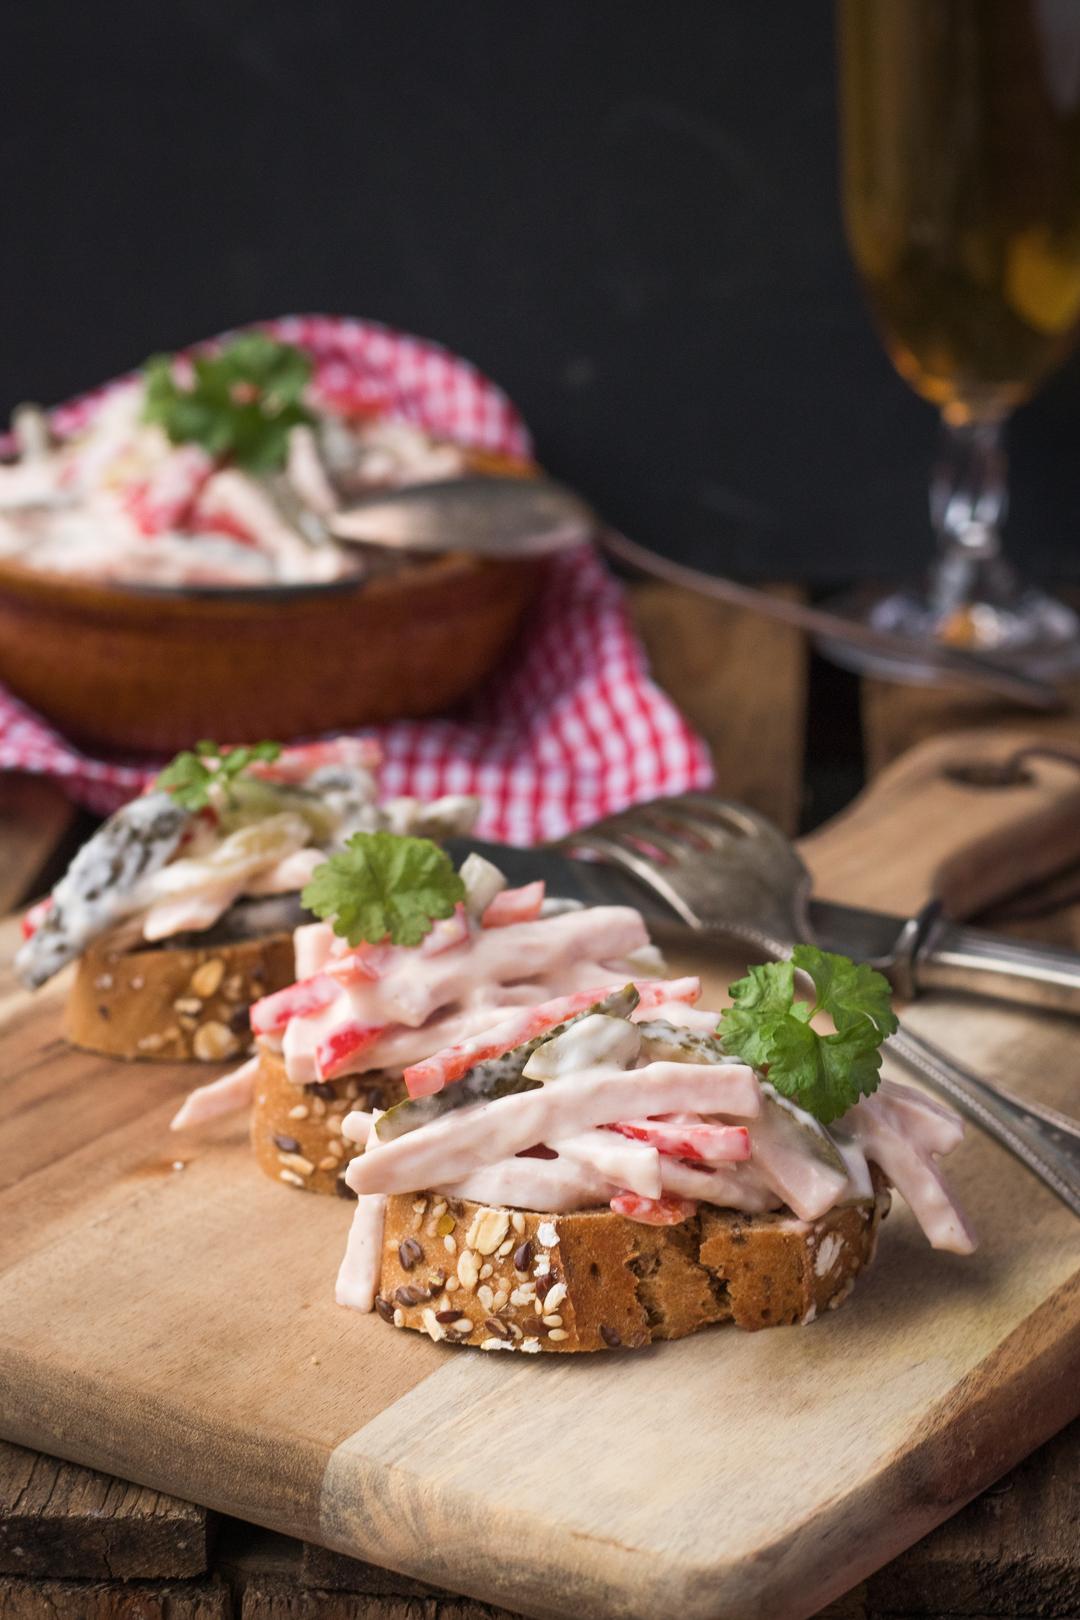 Rezept: Fleischsalat selber machen mit Naturjoghurt